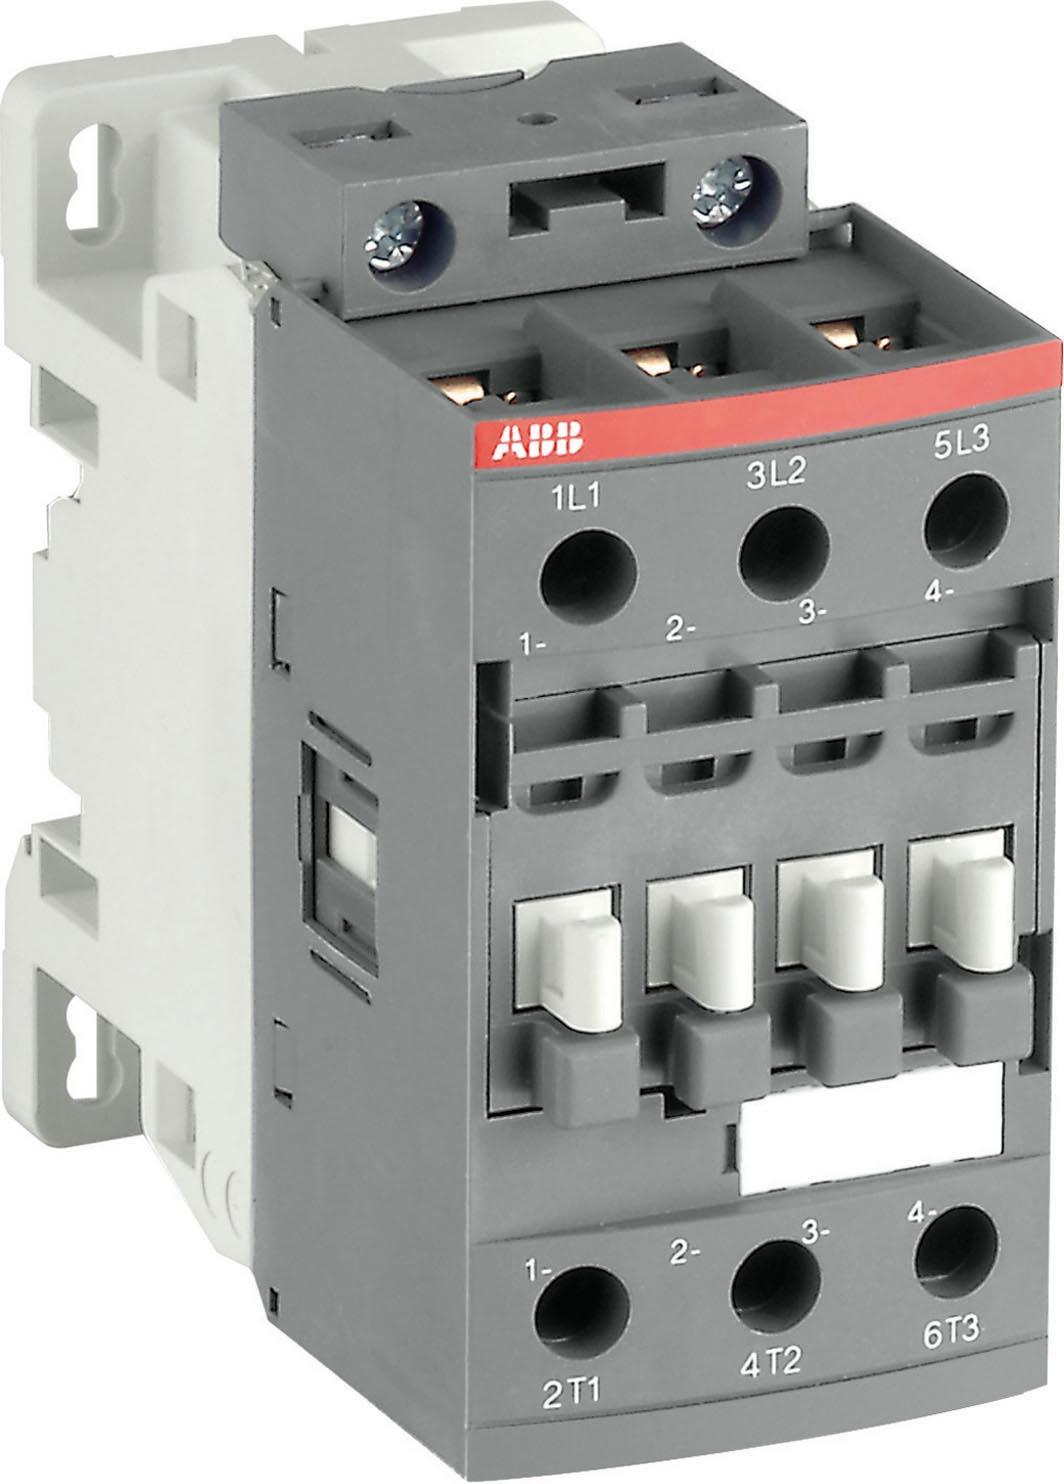 АВВ Контактор AF26-30-00-13 с универсальной катушкой управления 100-250BAC/DC (1SBL237001R1300)